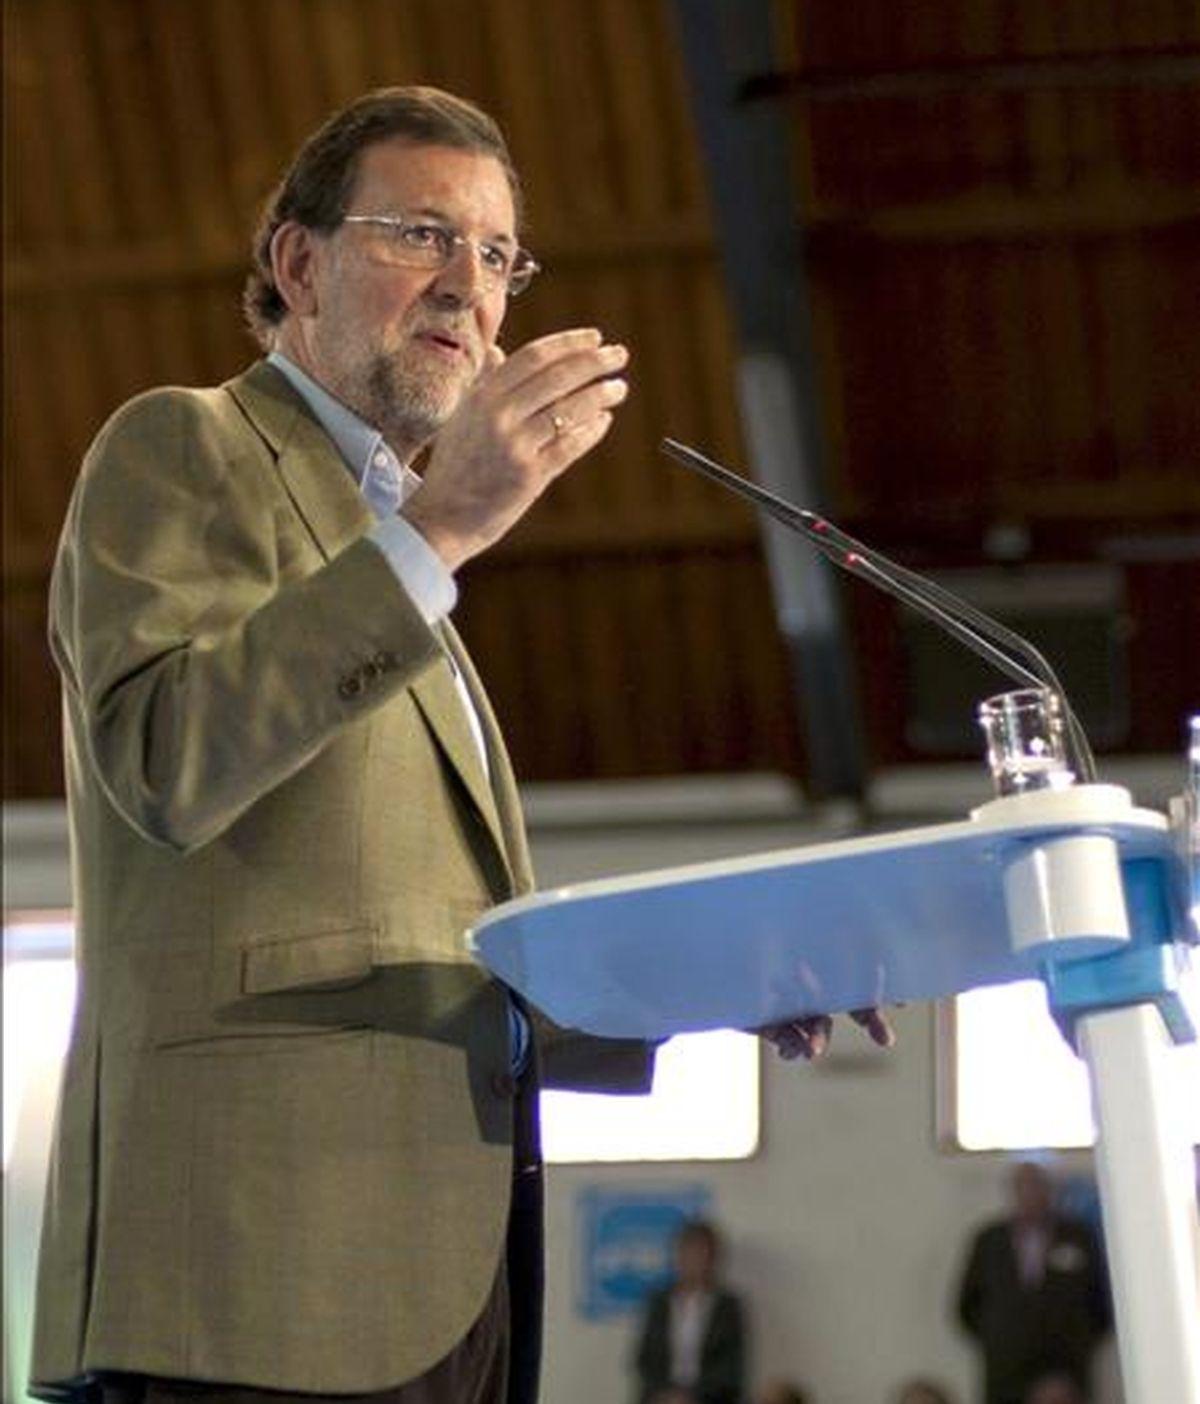 El líder del Partido Popular, Mariano Rajoy, durante su intervención en la clausura del acto público que su partido ha organizado hoy en Cáceres. EFE